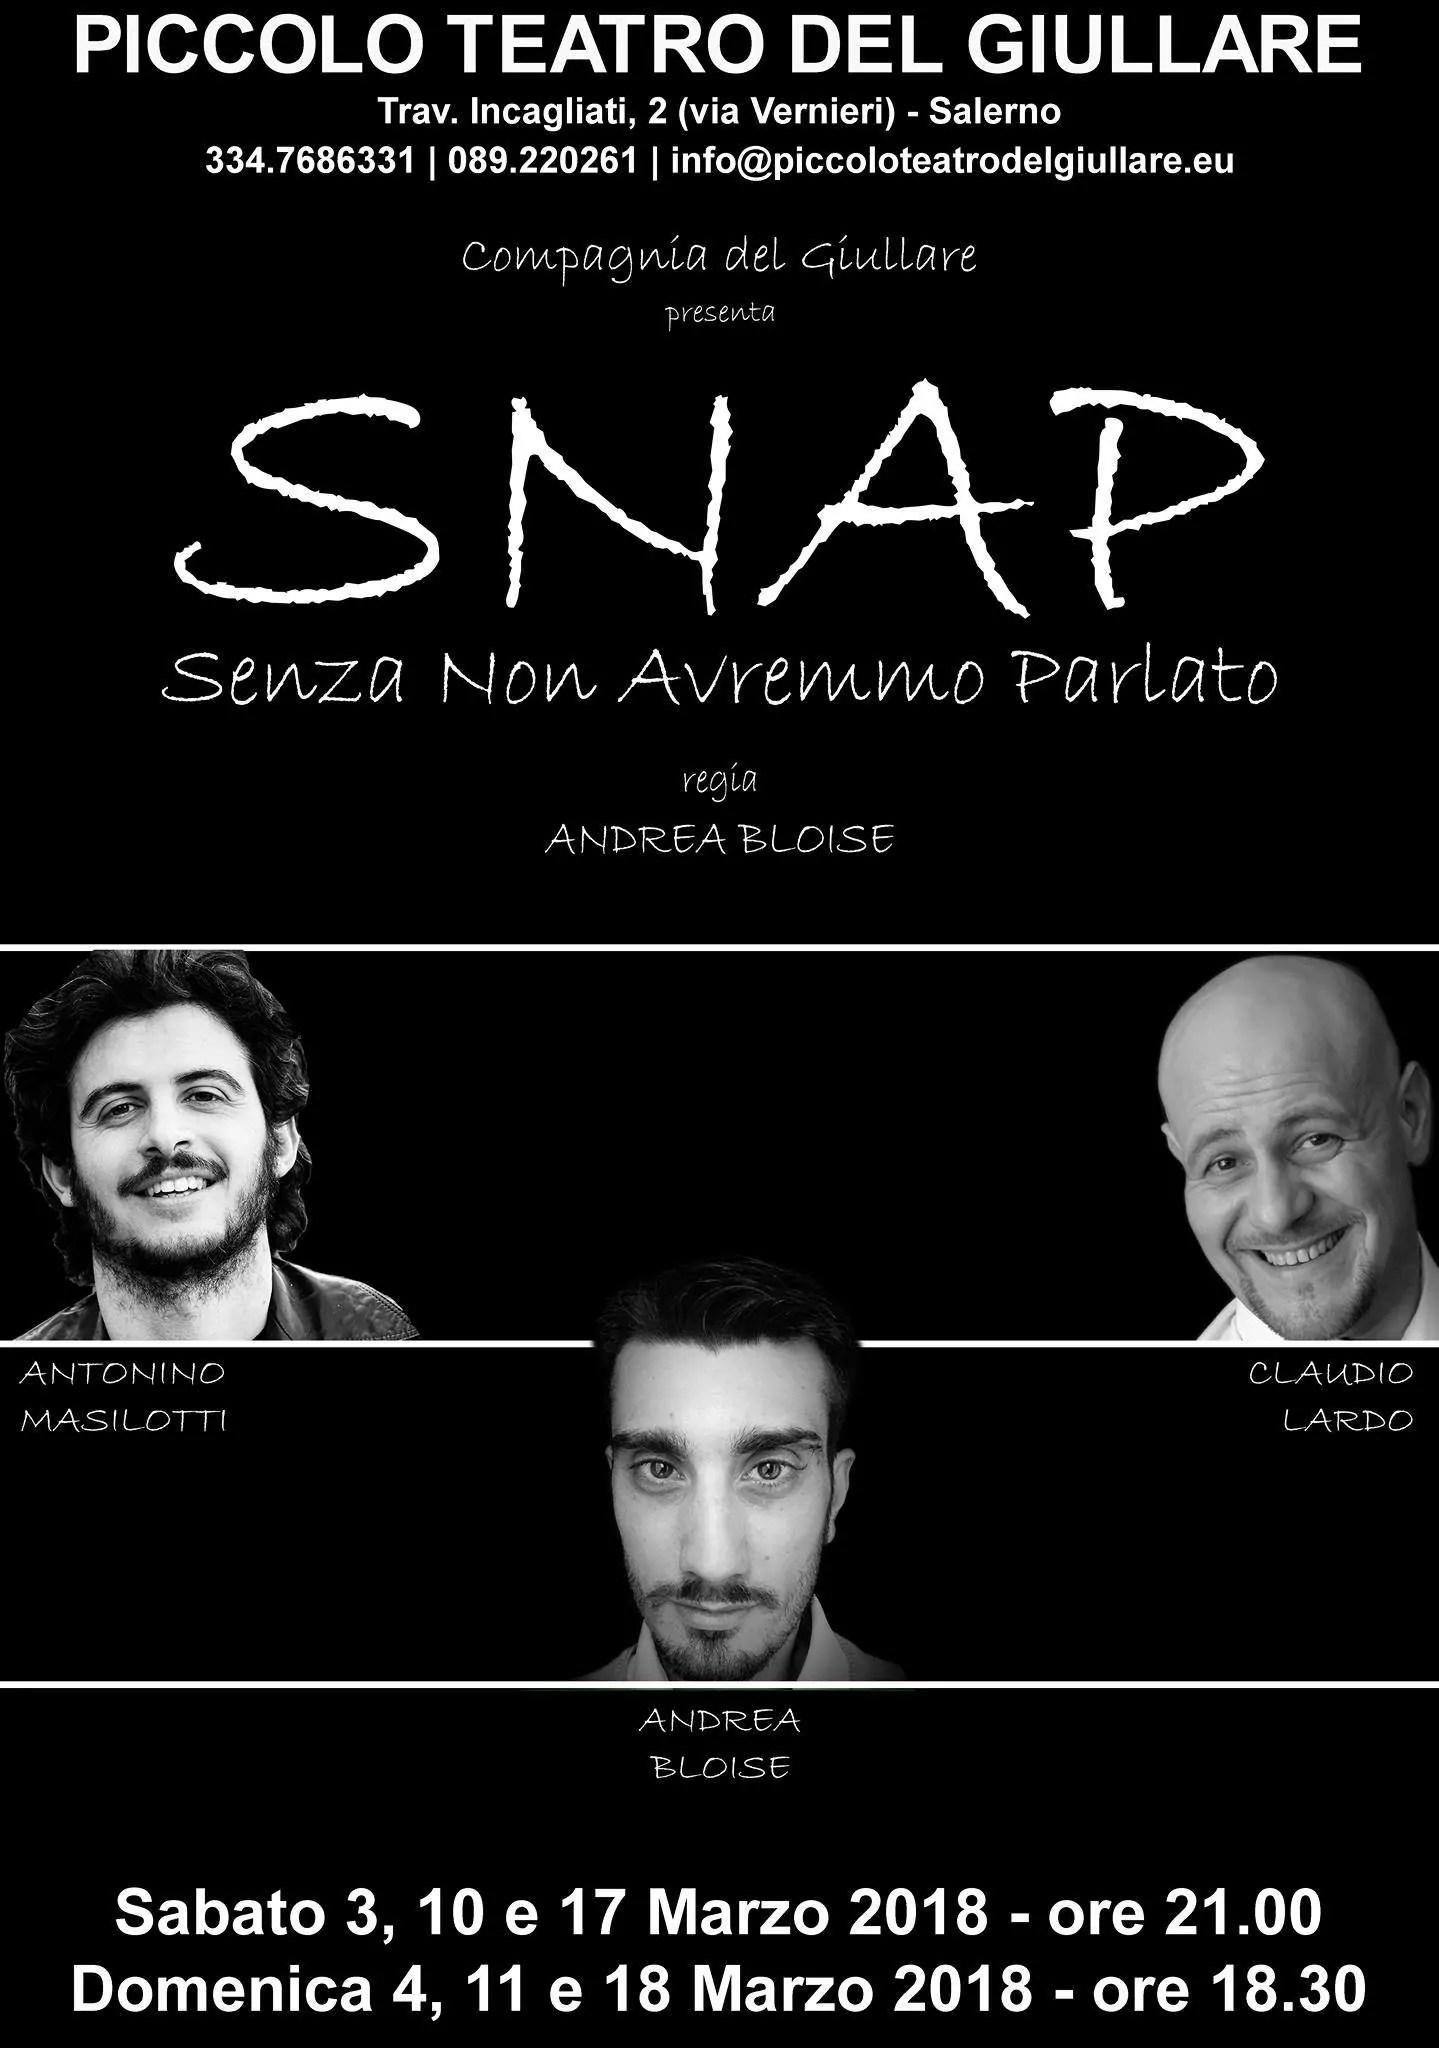 Sabato 3, 10 e 17 (ore 21) e Domenica 4, 11 e 18 (ore 18.30) Marzo 2018 al Piccolo Teatro del Giullare | Stagione 2017-2018